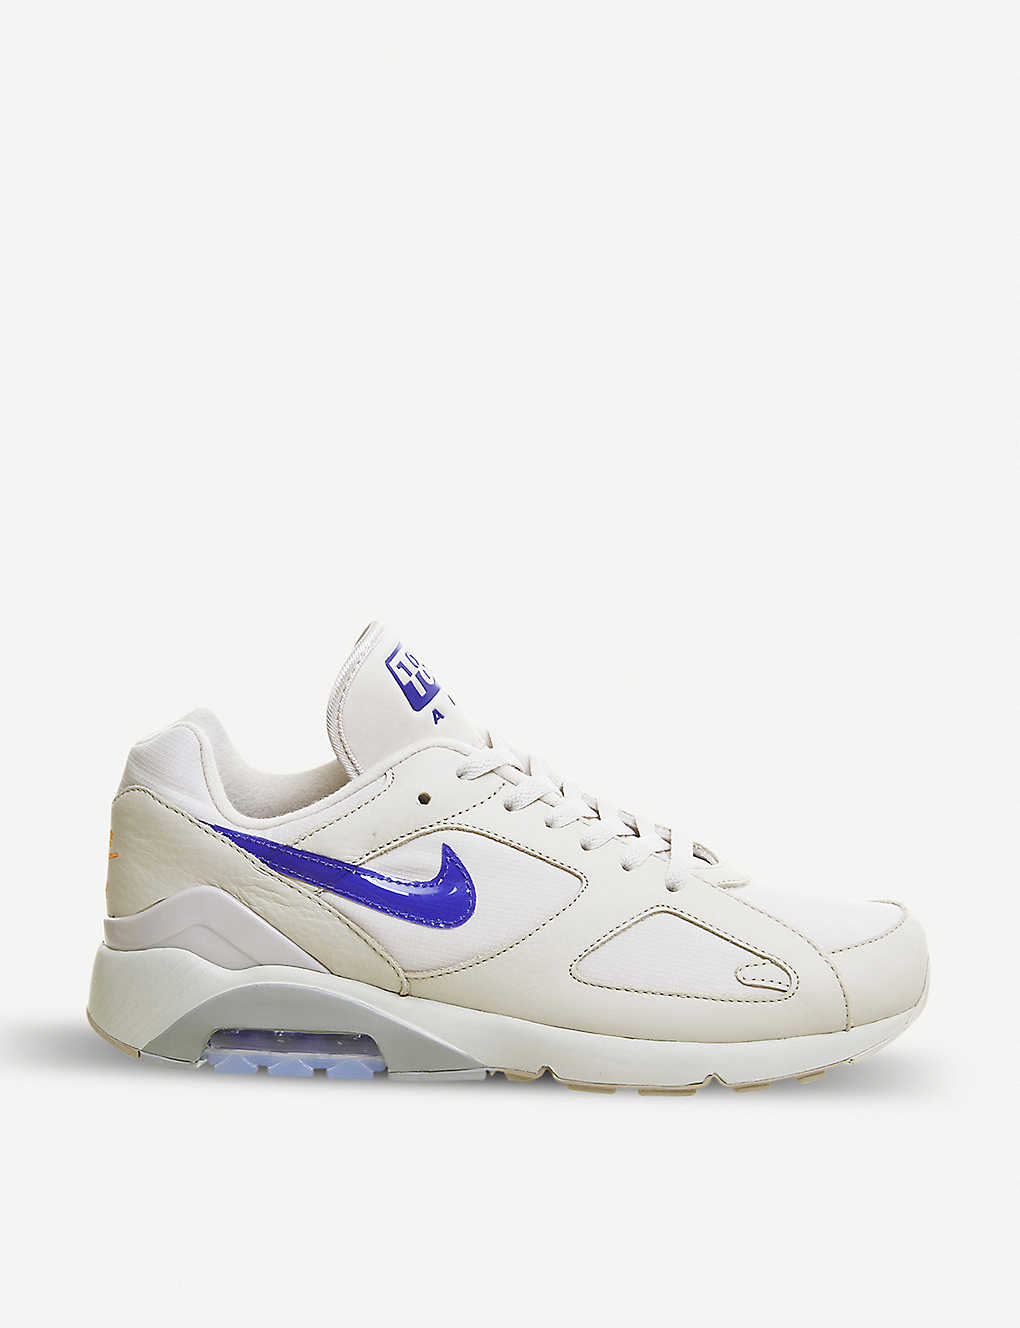 Nike Max Top Air Trainers Mesh Low 180 N8OvPyn0wm